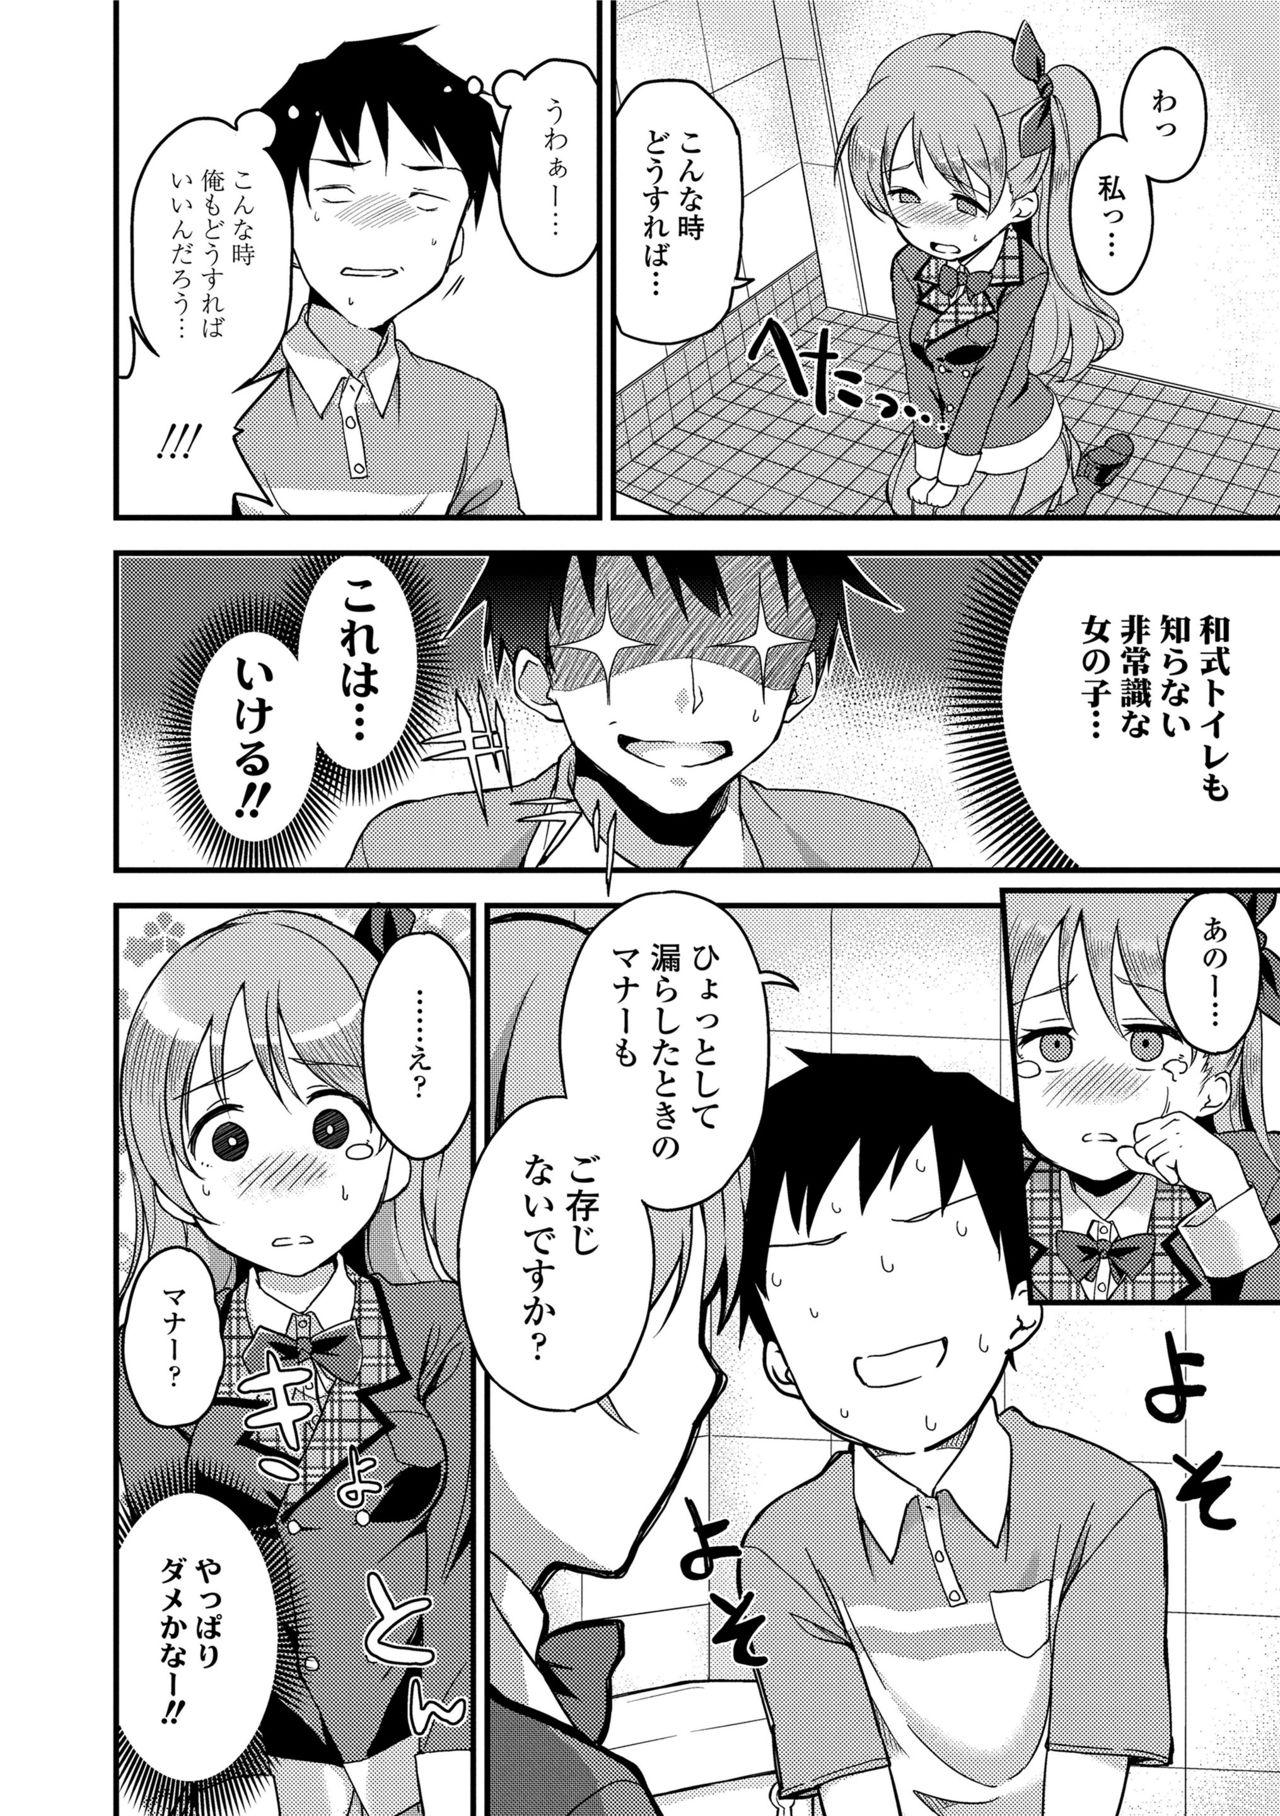 Ai ga Nakutemo Ecchi wa Dekiru! - Even if There is No Love You Can H! 193